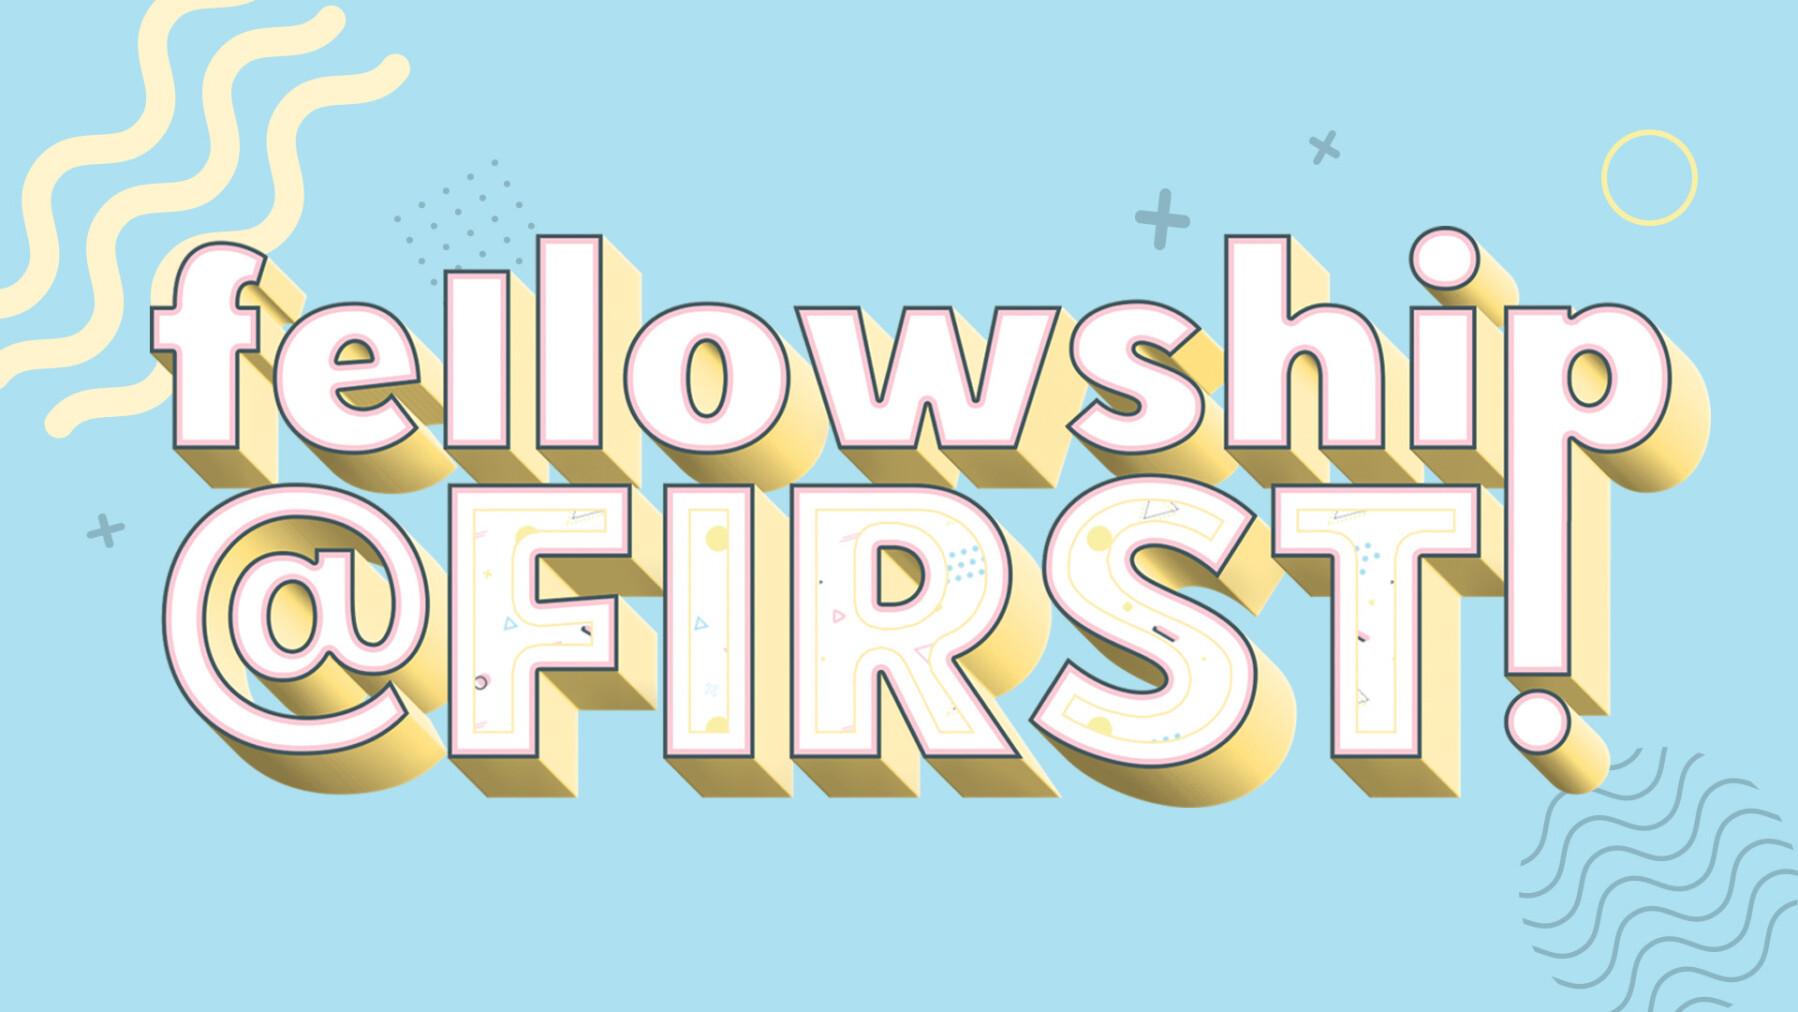 Fellowship @ First